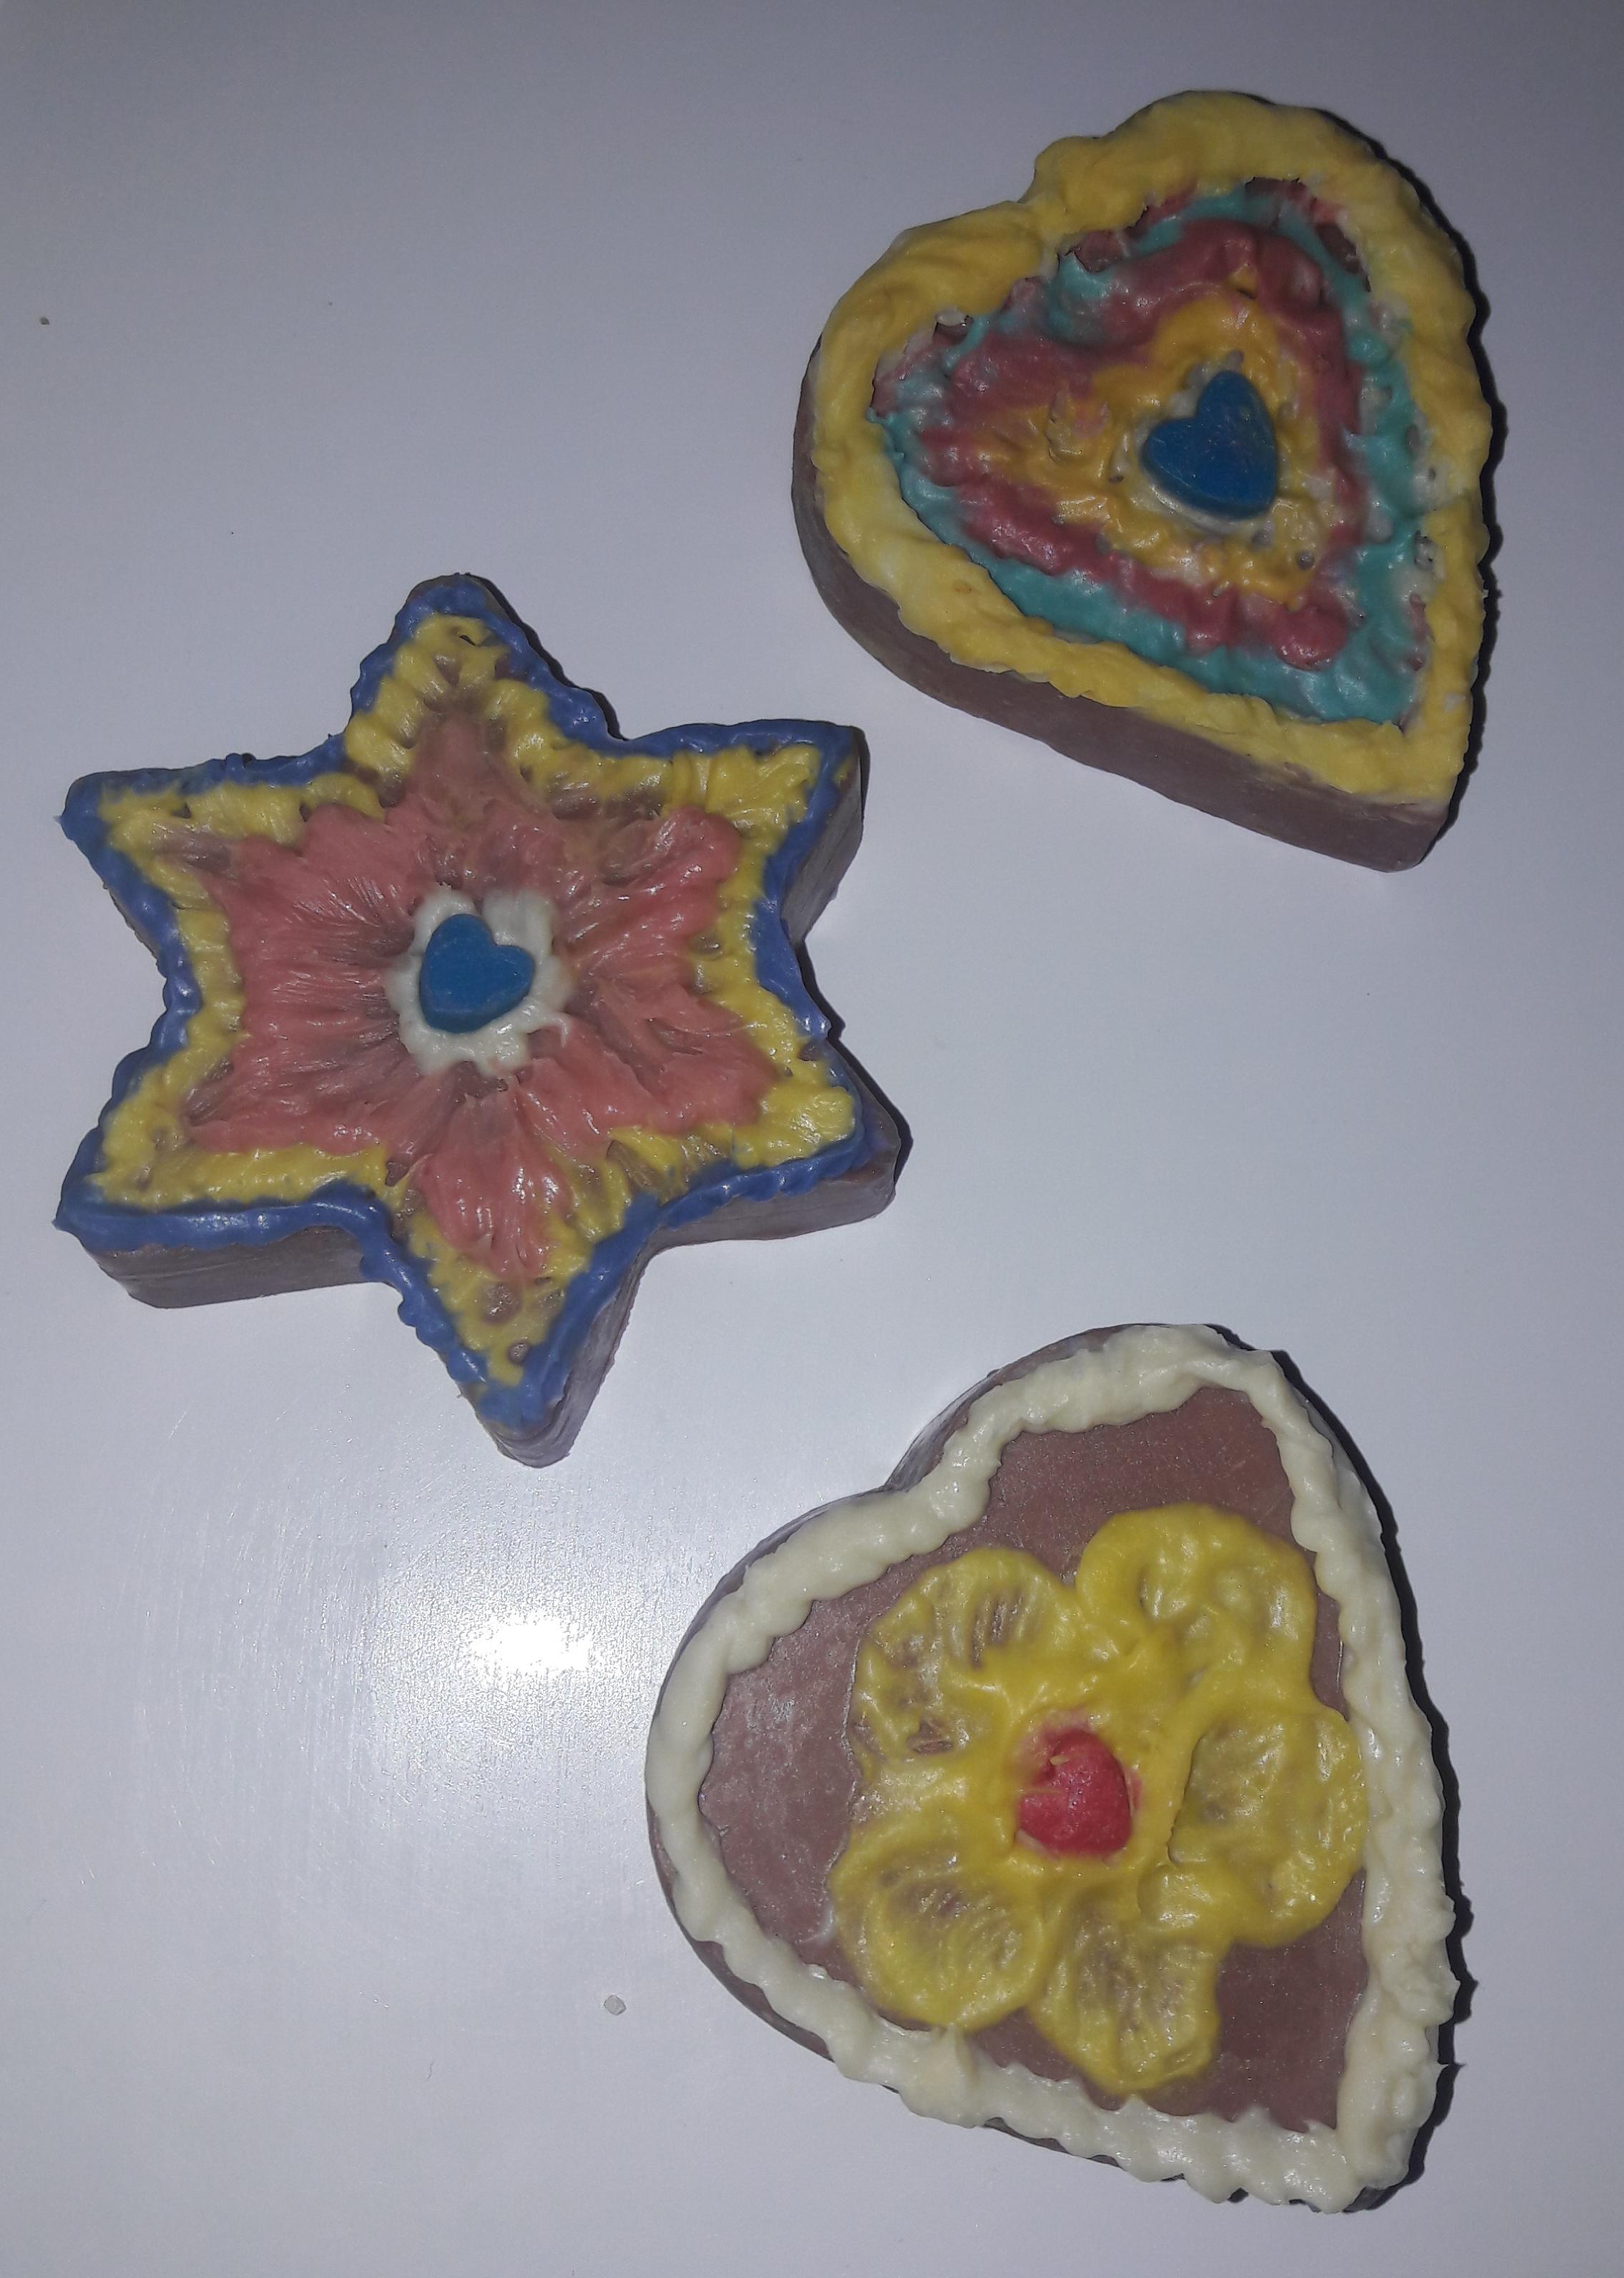 lebkuchen soap